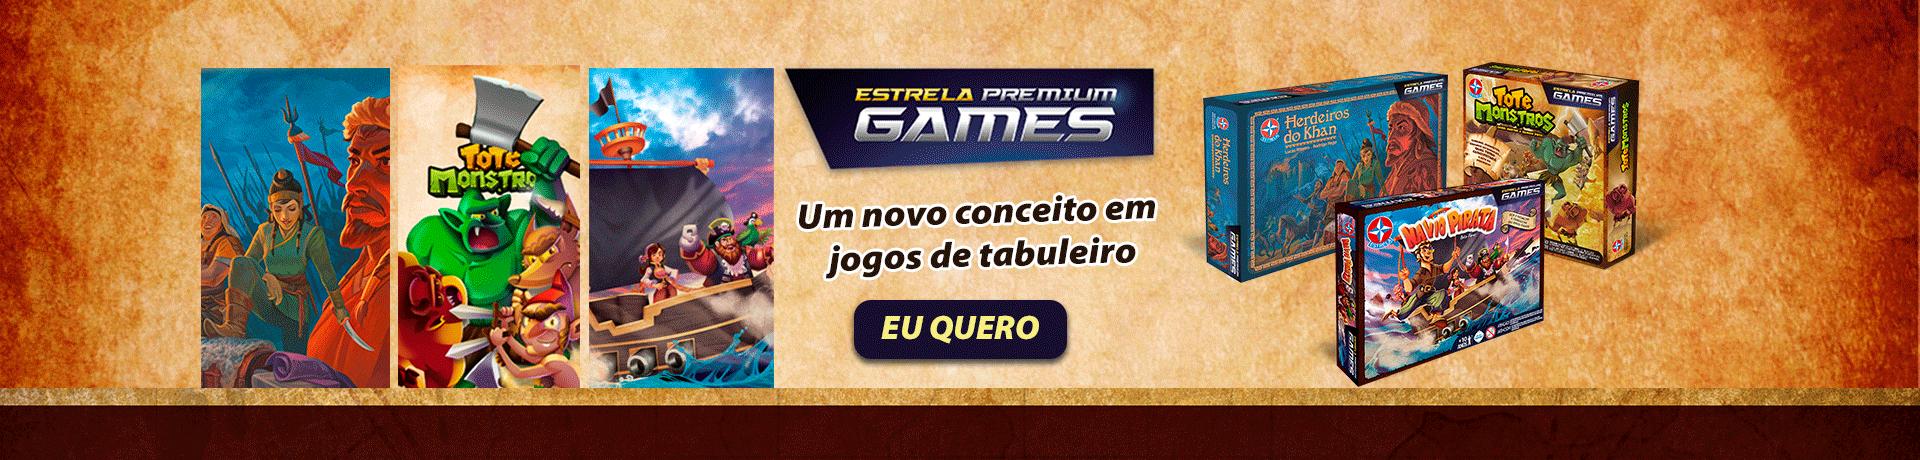 Jogos Premium